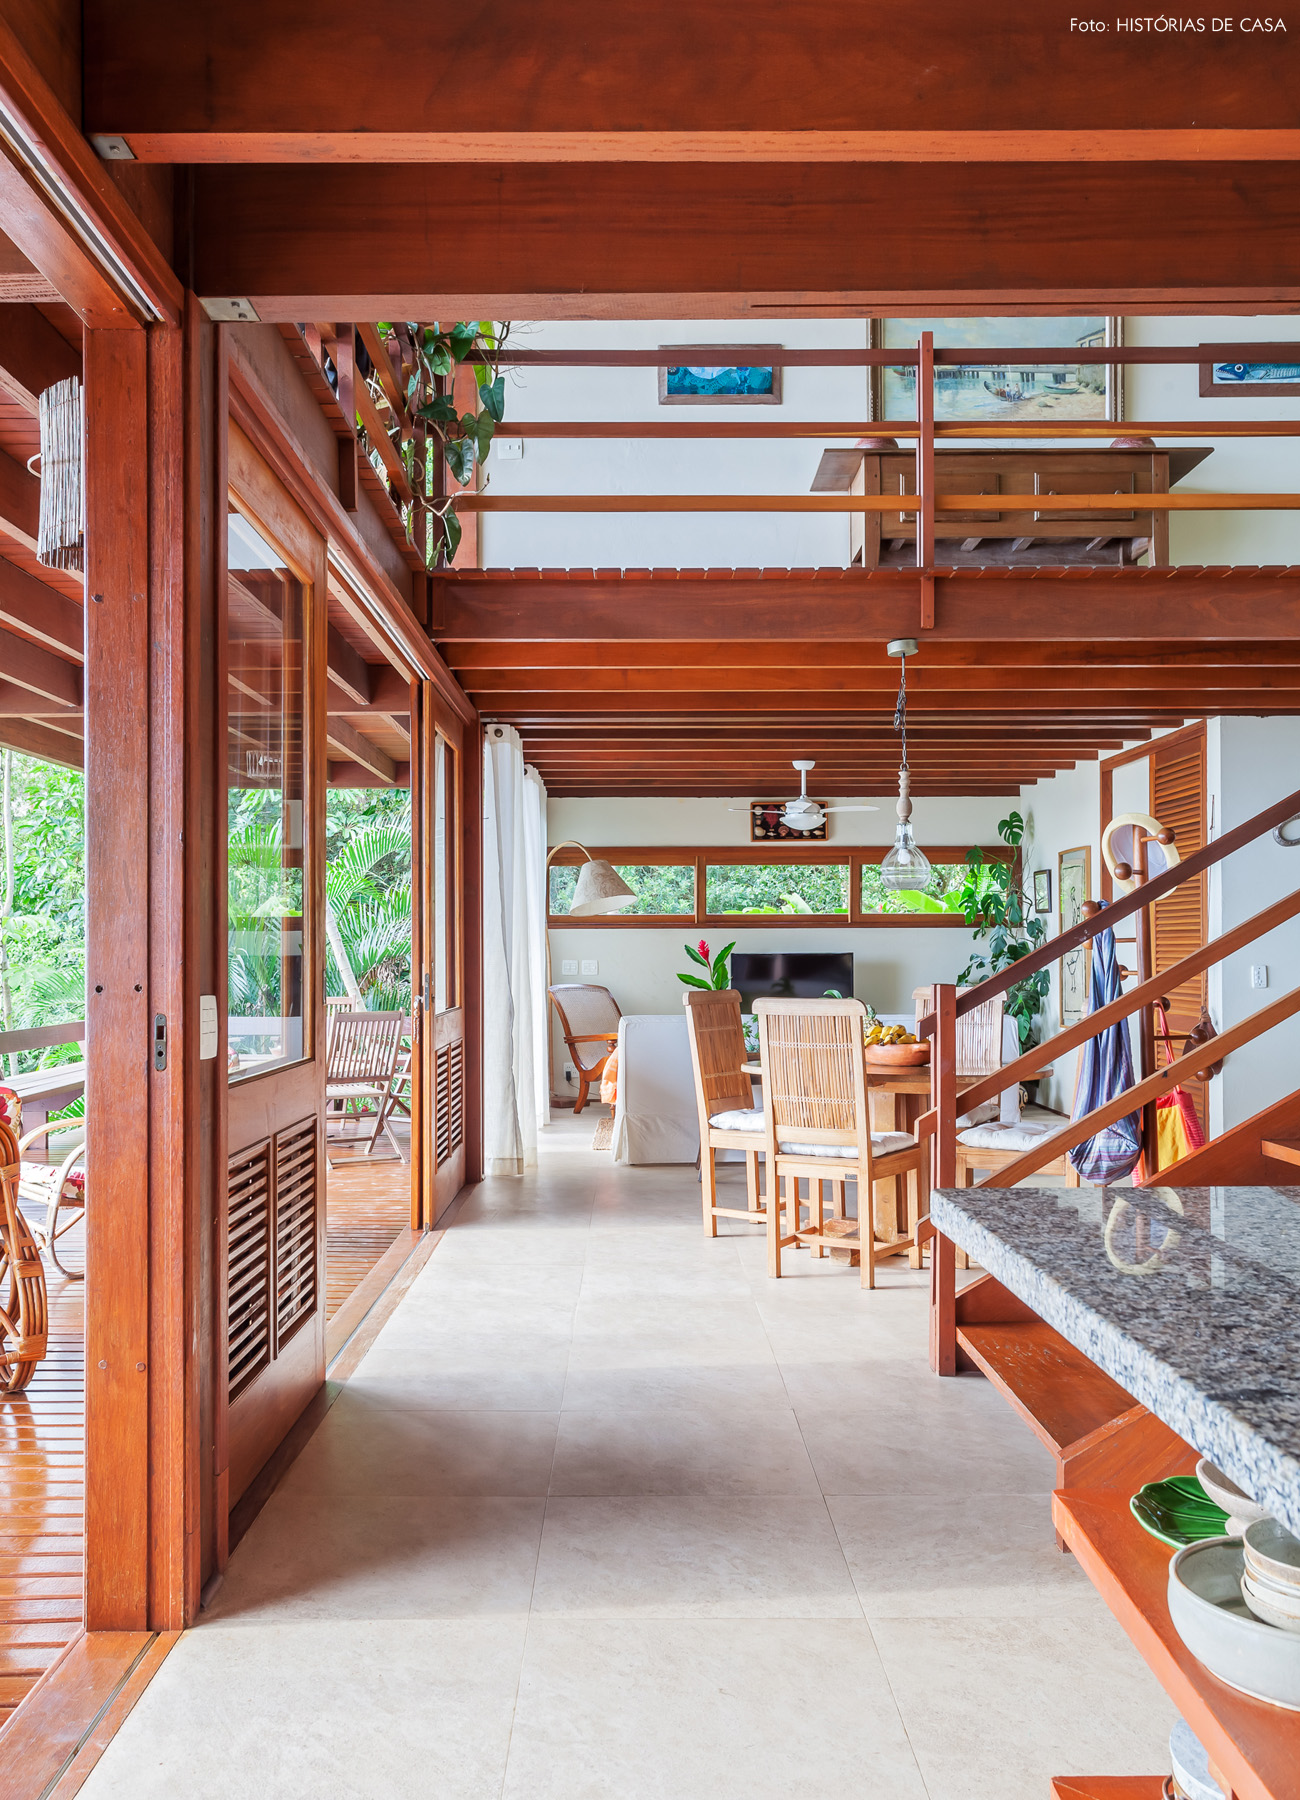 11-decoracao-casa-de-praia-sala-estar-moveis-madeira